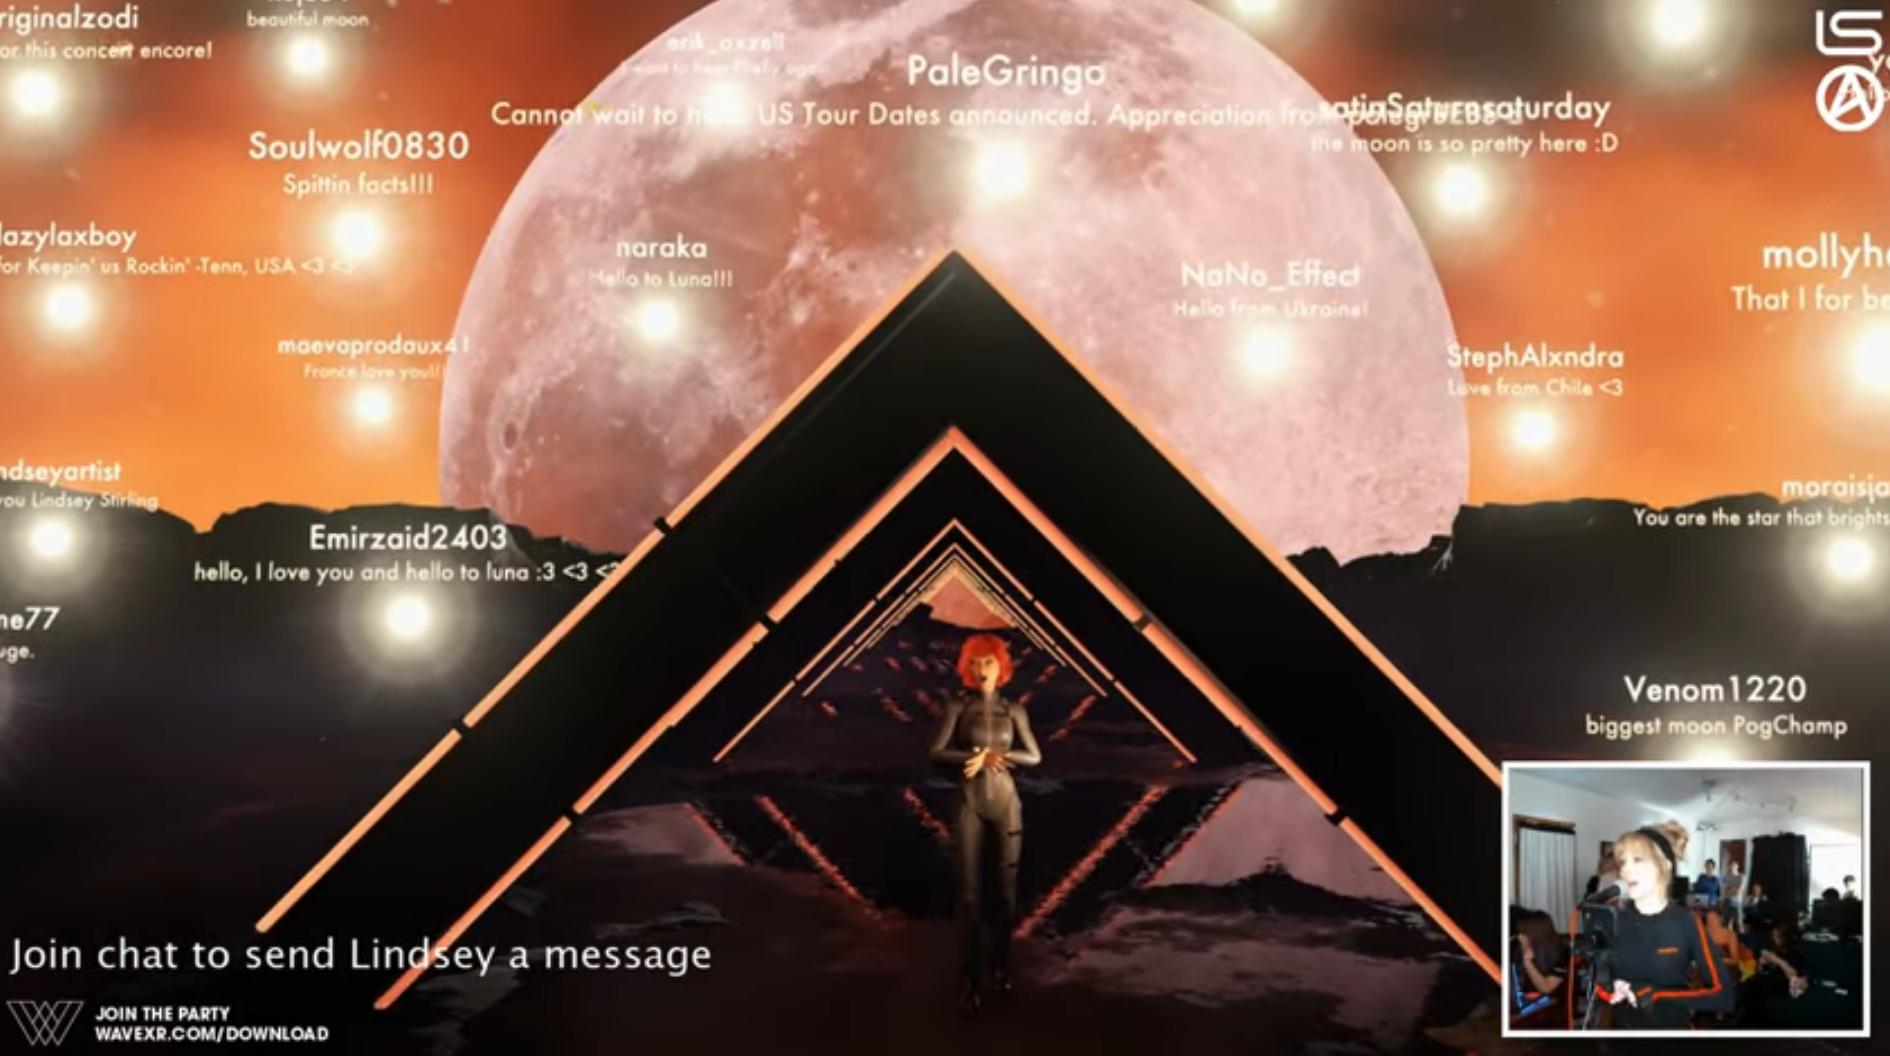 Исполнительница Линдси Стирлинг провела VR-концерт совместно со стартапом Wave